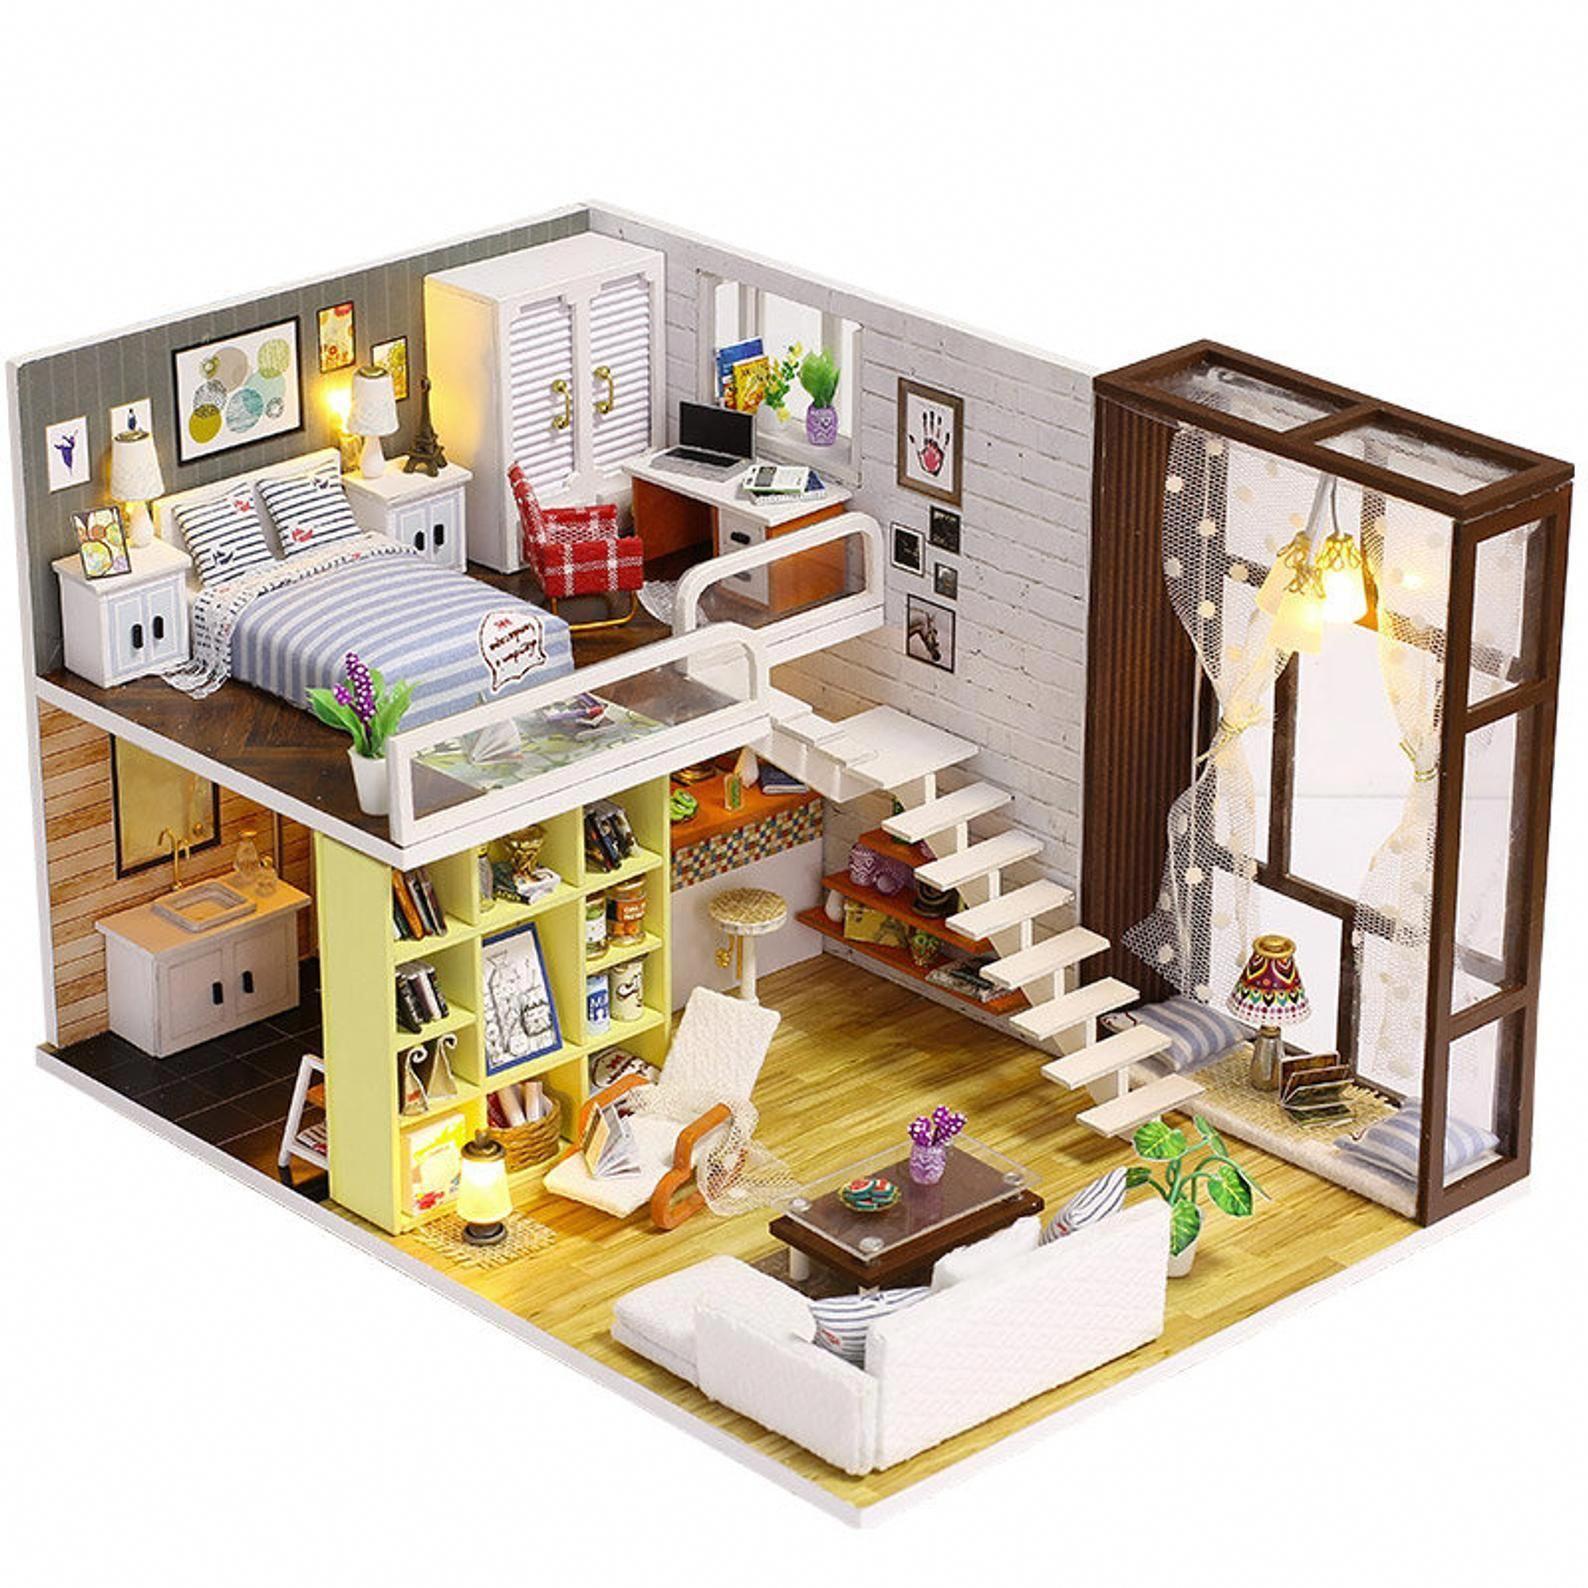 Miniature Bricolage Maison De Poupee Kit Appartement Loft Etsy Maisondecoration Miniature Miniaturegarden B Maison Sims Maison Playmobil Bricolage Maison